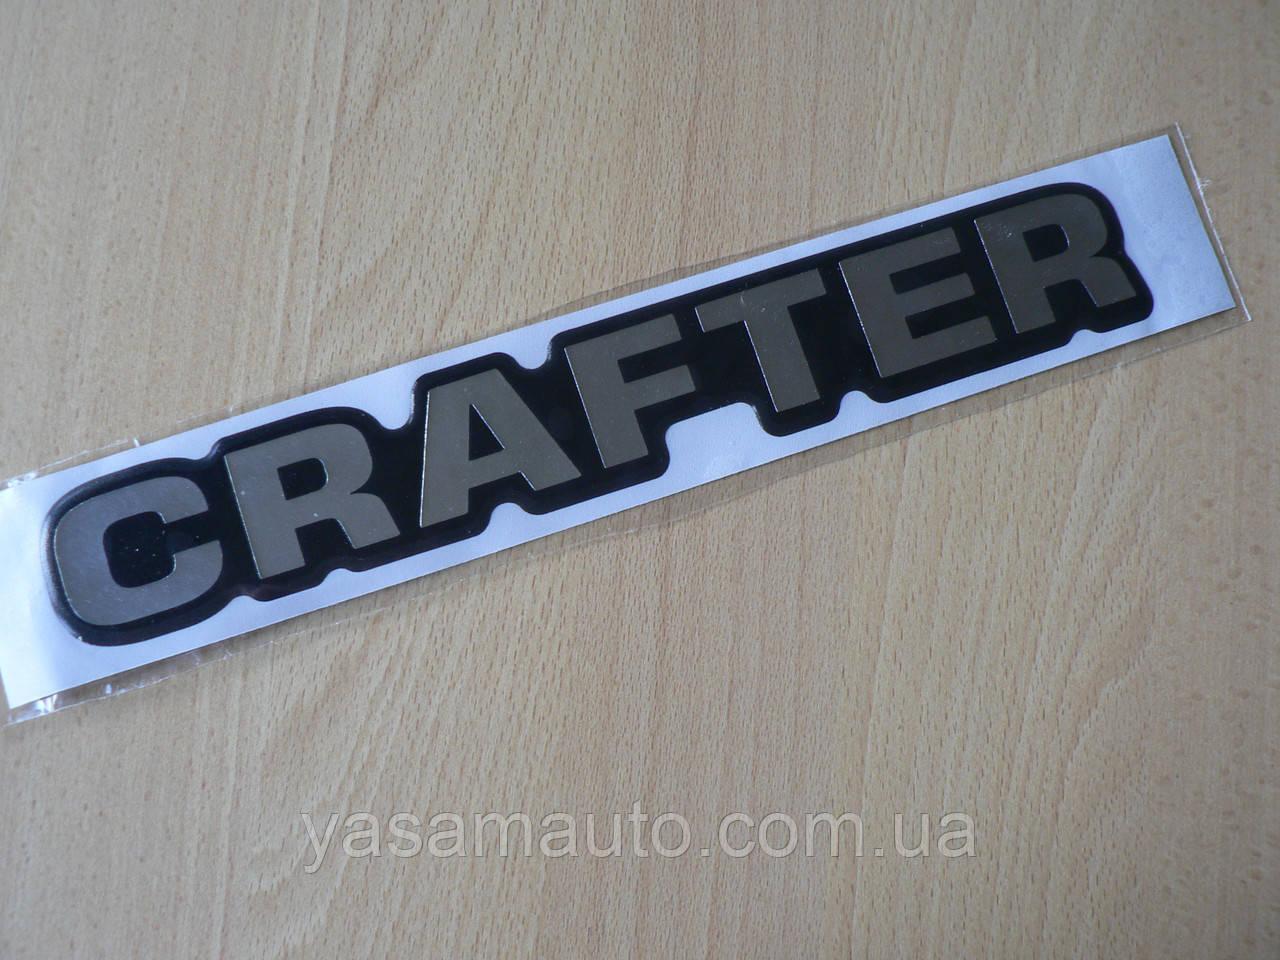 Наклейка s орнамент задний Crafter 277х41х1.4мм силиконовая надпись на авто Volkswagen Крафтер Волксваген